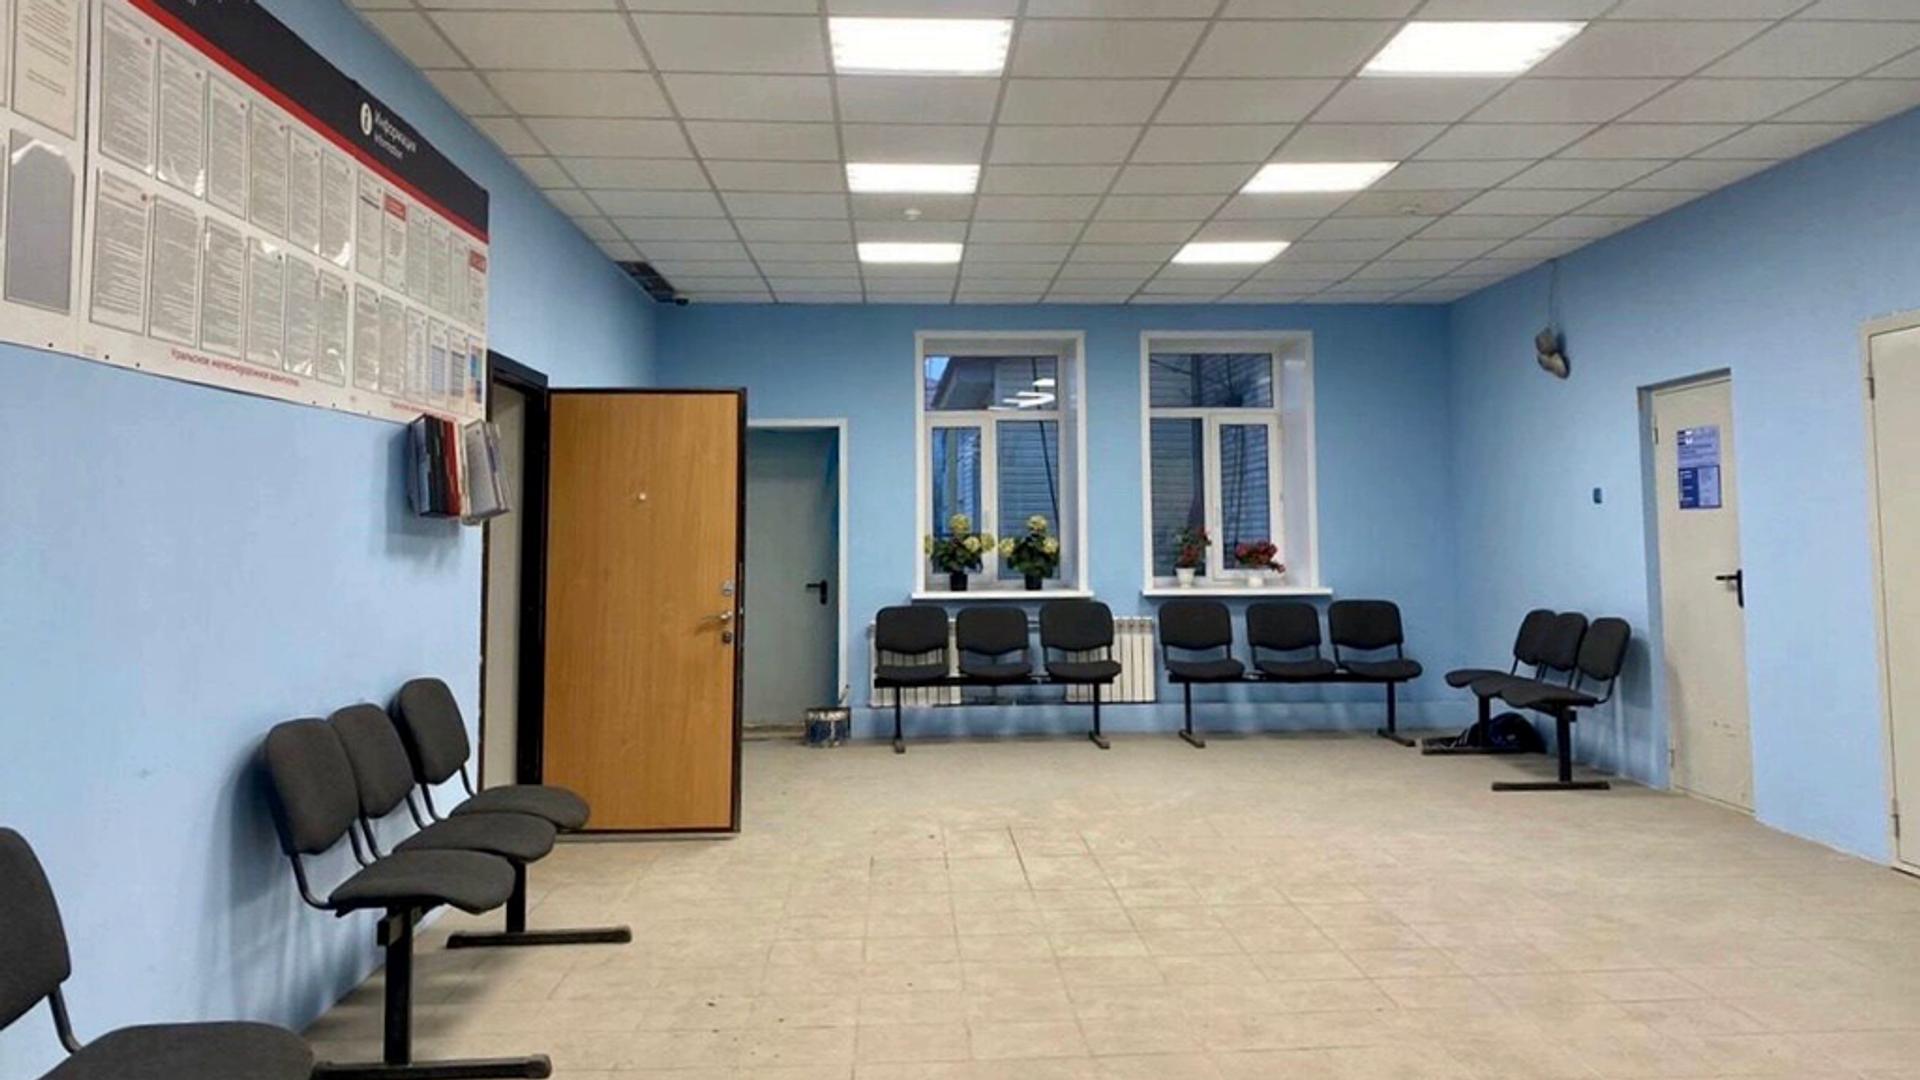 Помещение в здании железнодорожных касс в Пуровске - РИА Новости, 1920, 15.10.2020